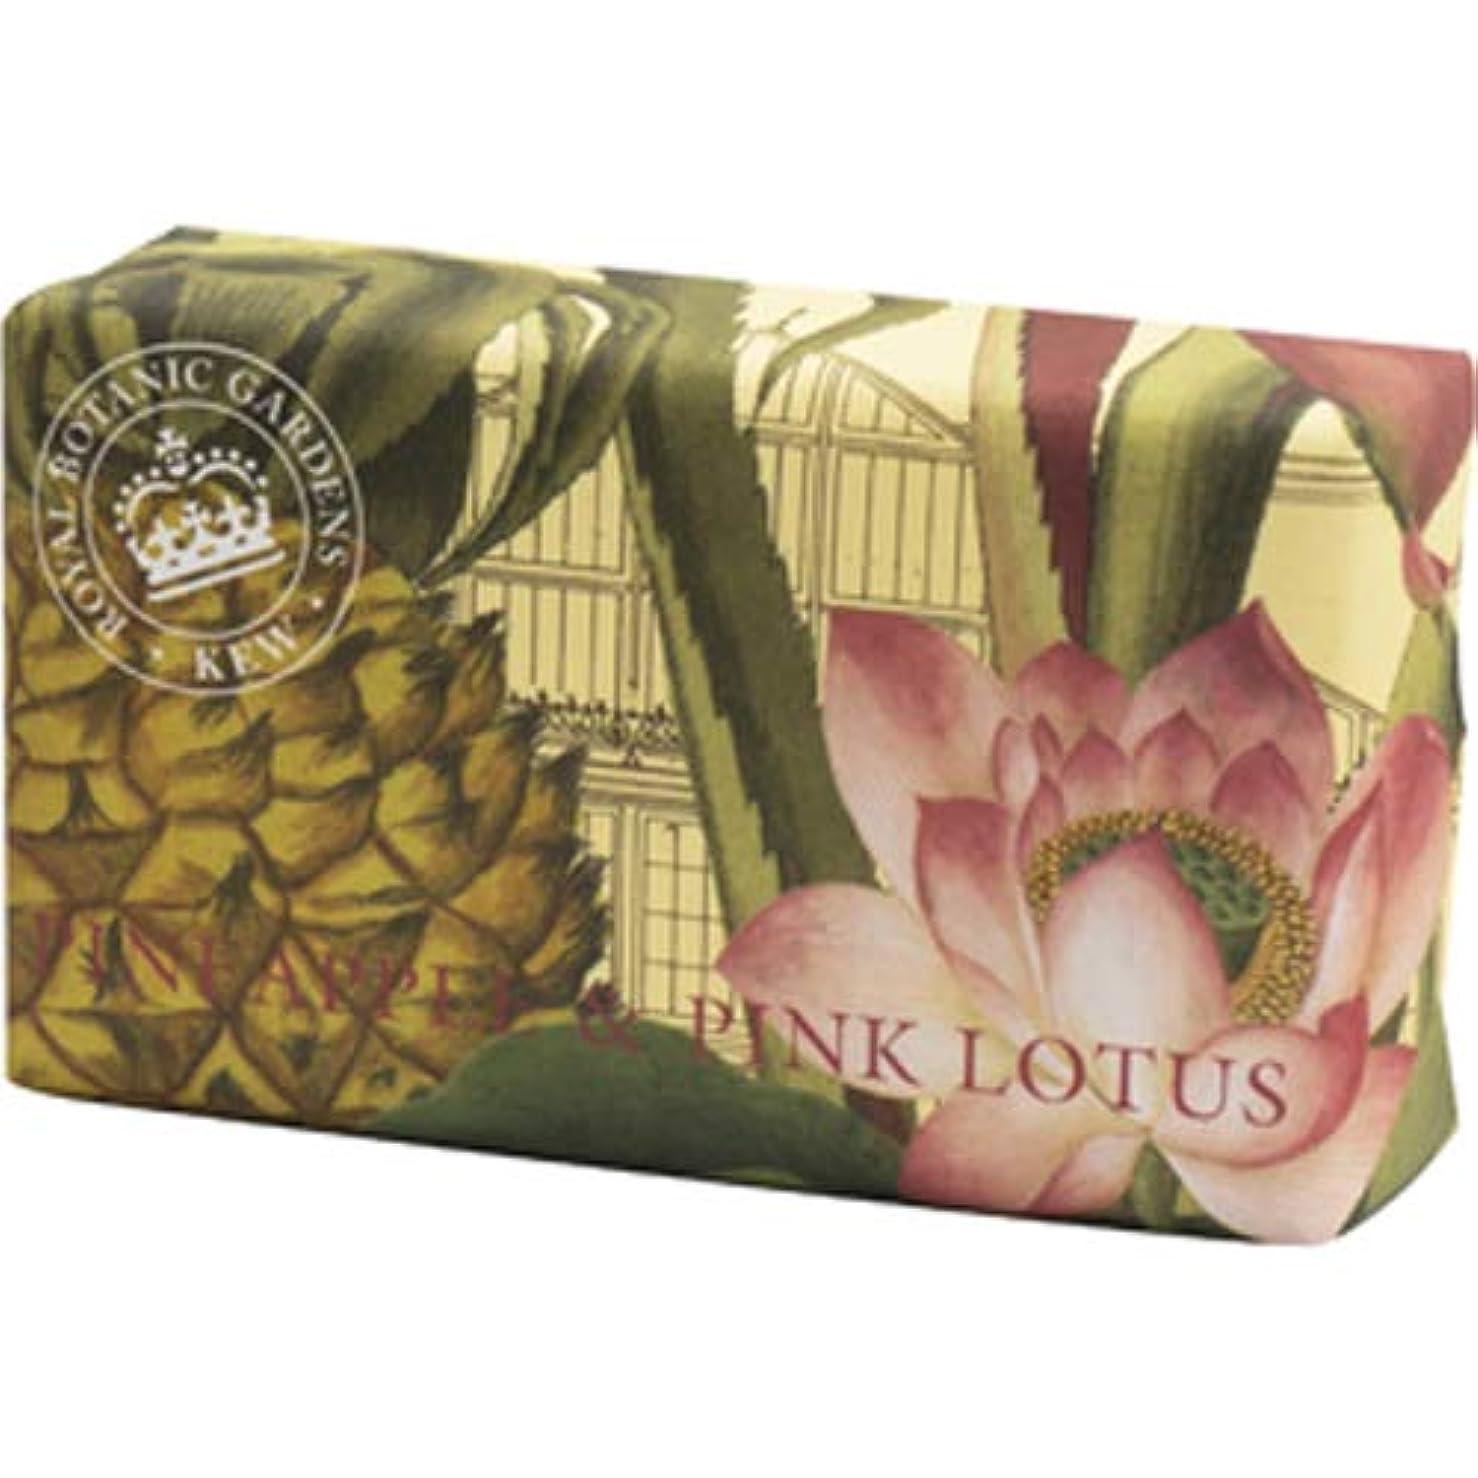 ルーフ万歳芝生English Soap Company イングリッシュソープカンパニー KEW GARDEN キュー?ガーデン Luxury Shea Soaps シアソープ Pineapple & Pink Lotus パイナップル...